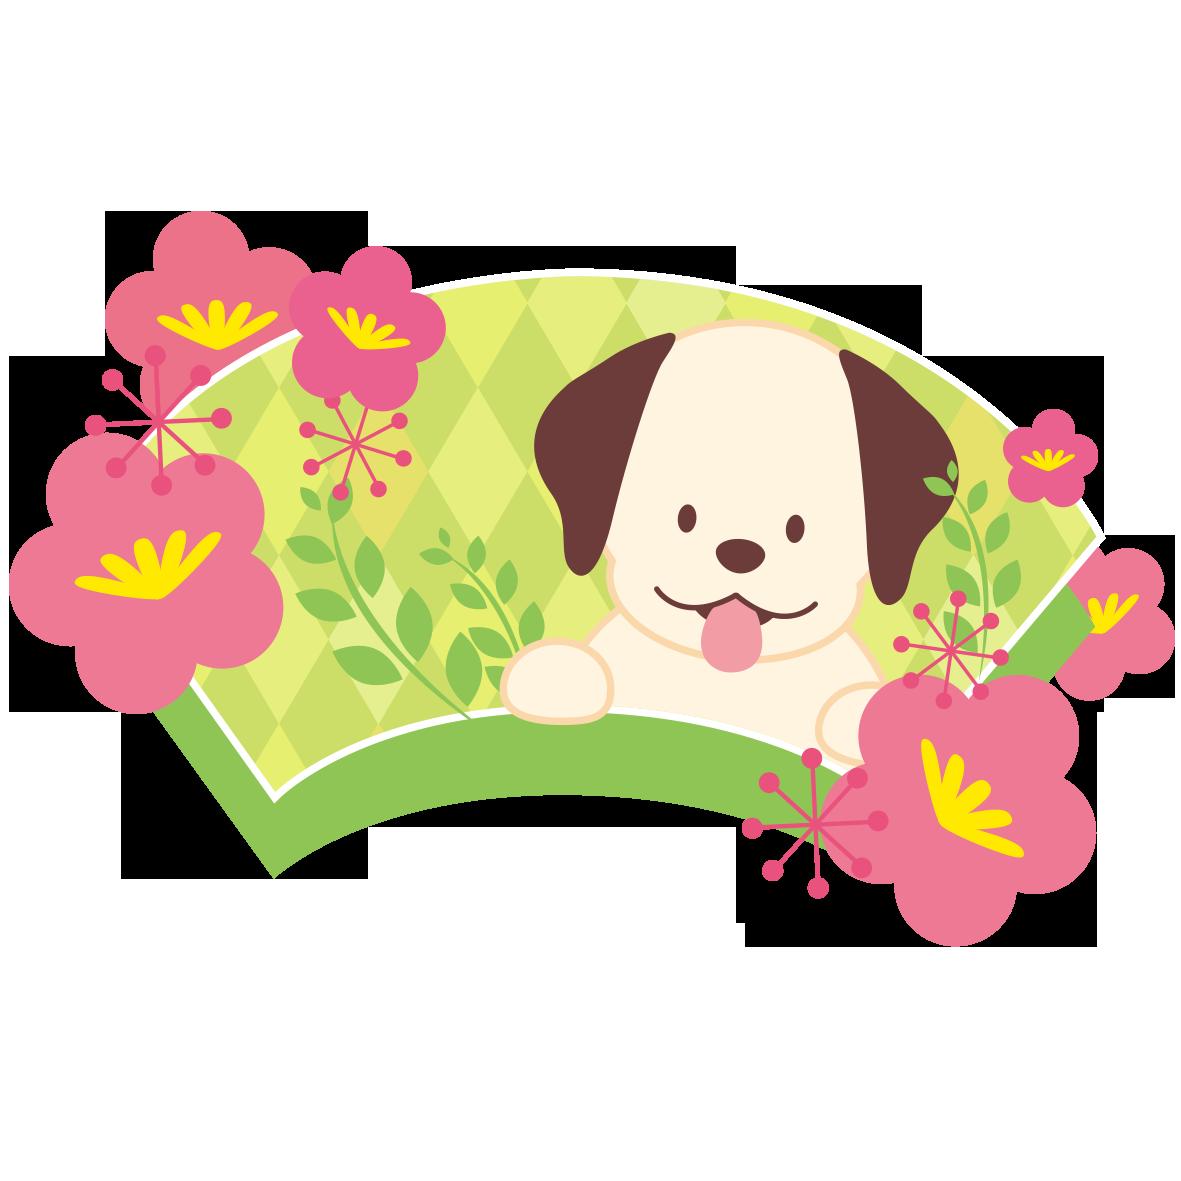 桃の花とかわいいワンコ 無料イラスト愛